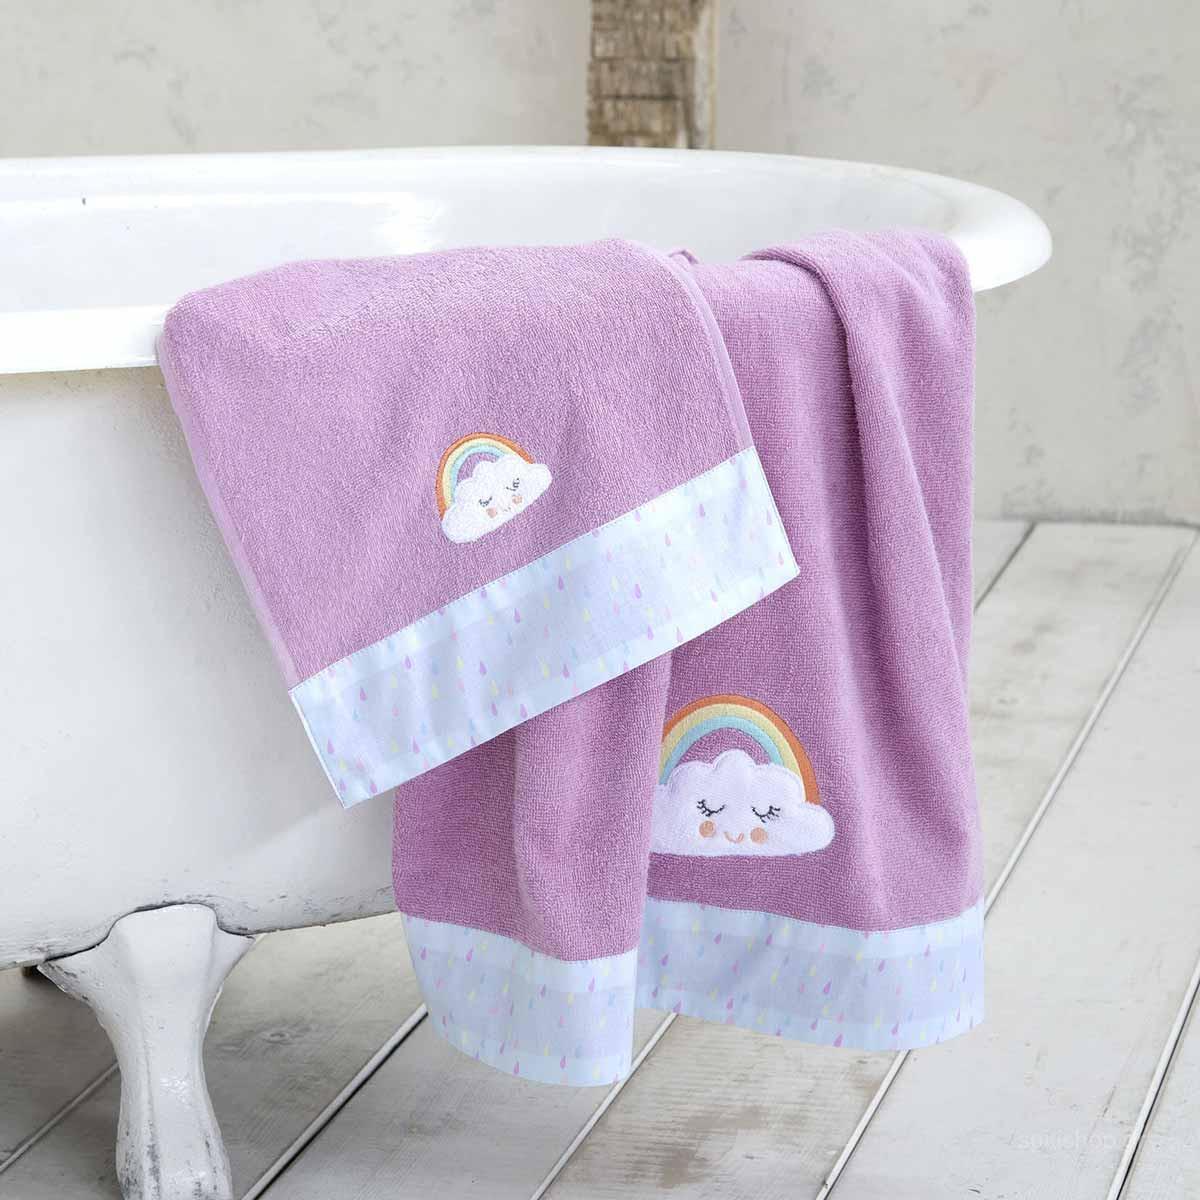 Παιδική Πετσέτα Χεριών (30x50) Nima Kids Pawnee home   παιδικά   πετσέτες παιδικές